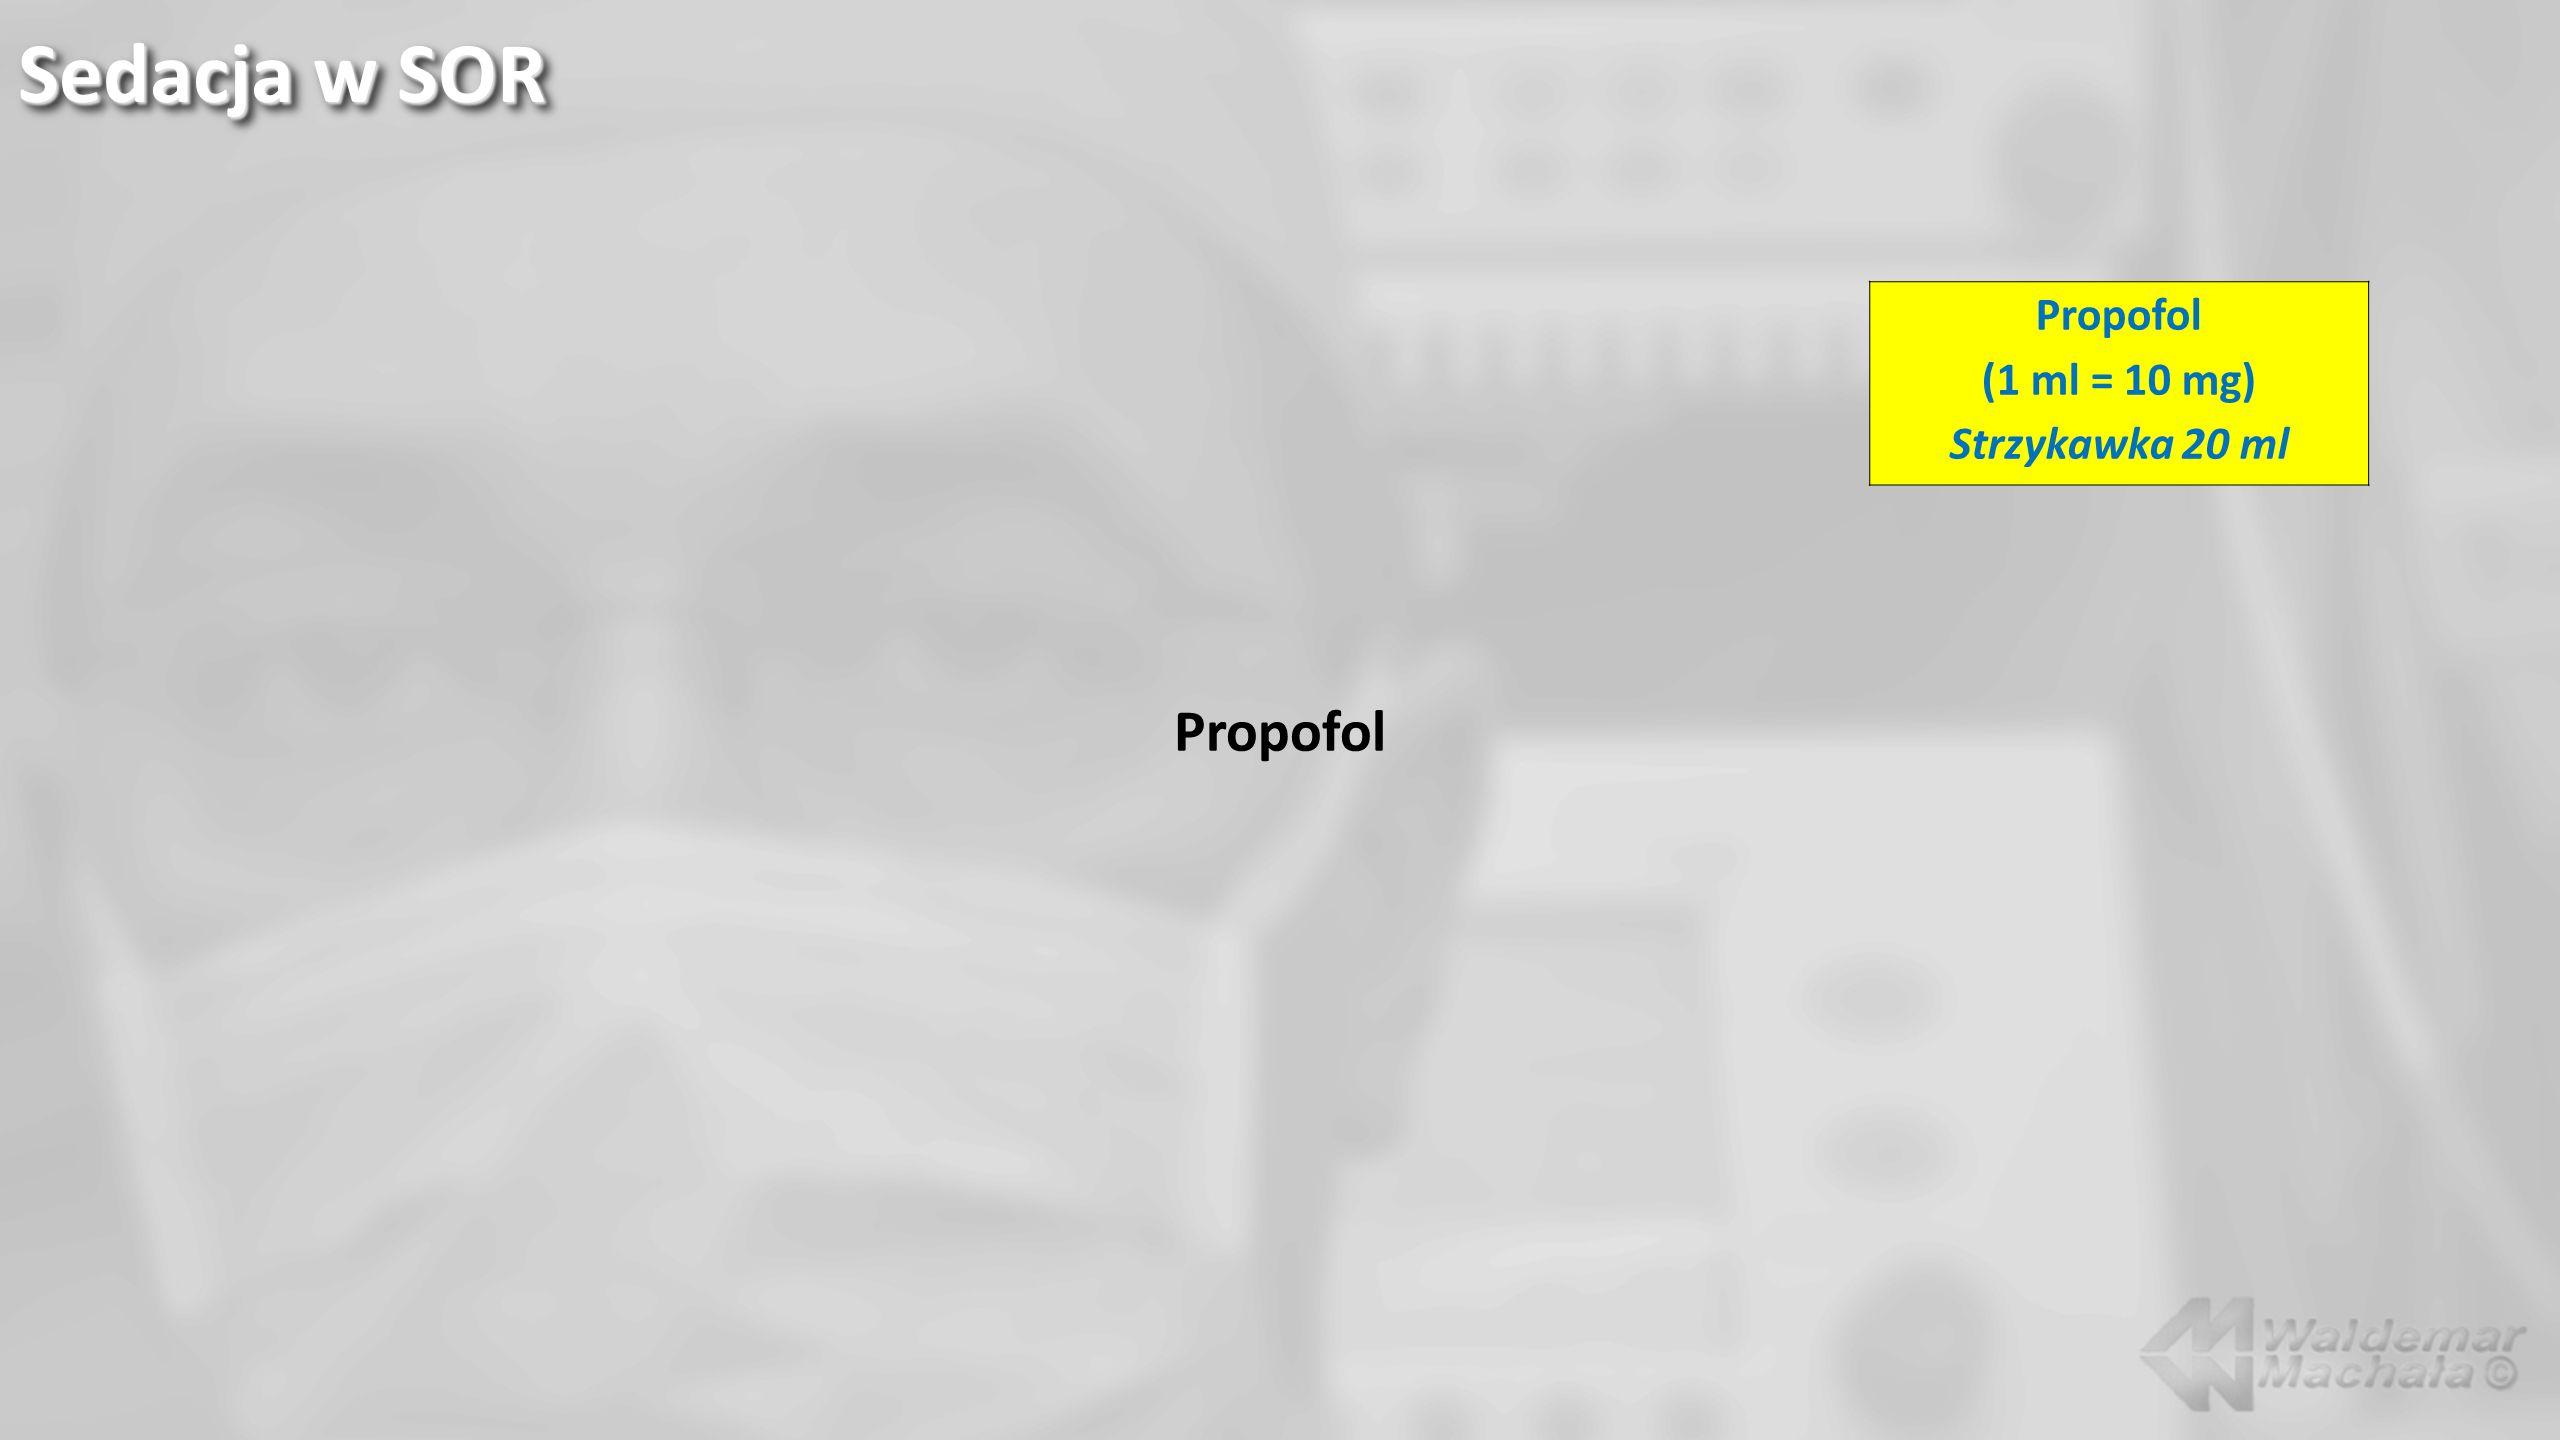 Sedacja w SOR Propofol Propofol (1 ml = 10 mg) Strzykawka 20 ml